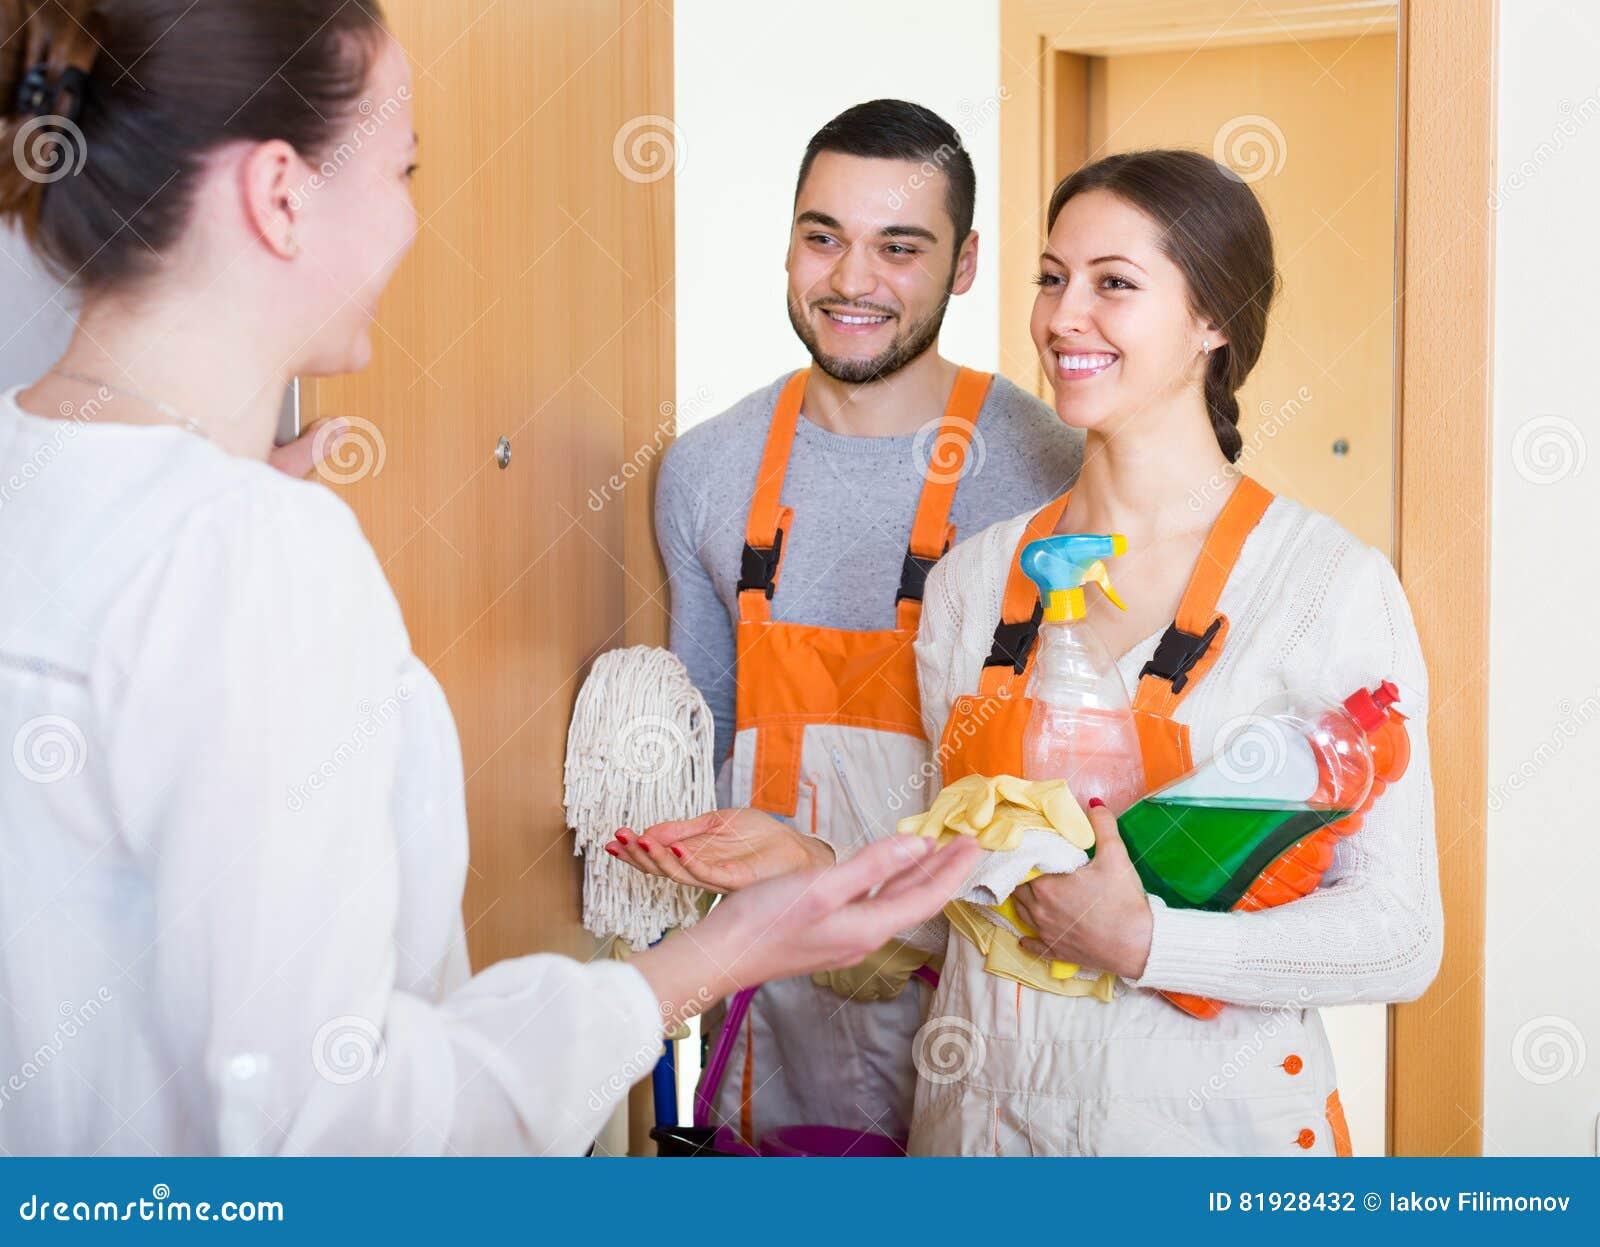 Travailleurs de service de femme et de nettoyage